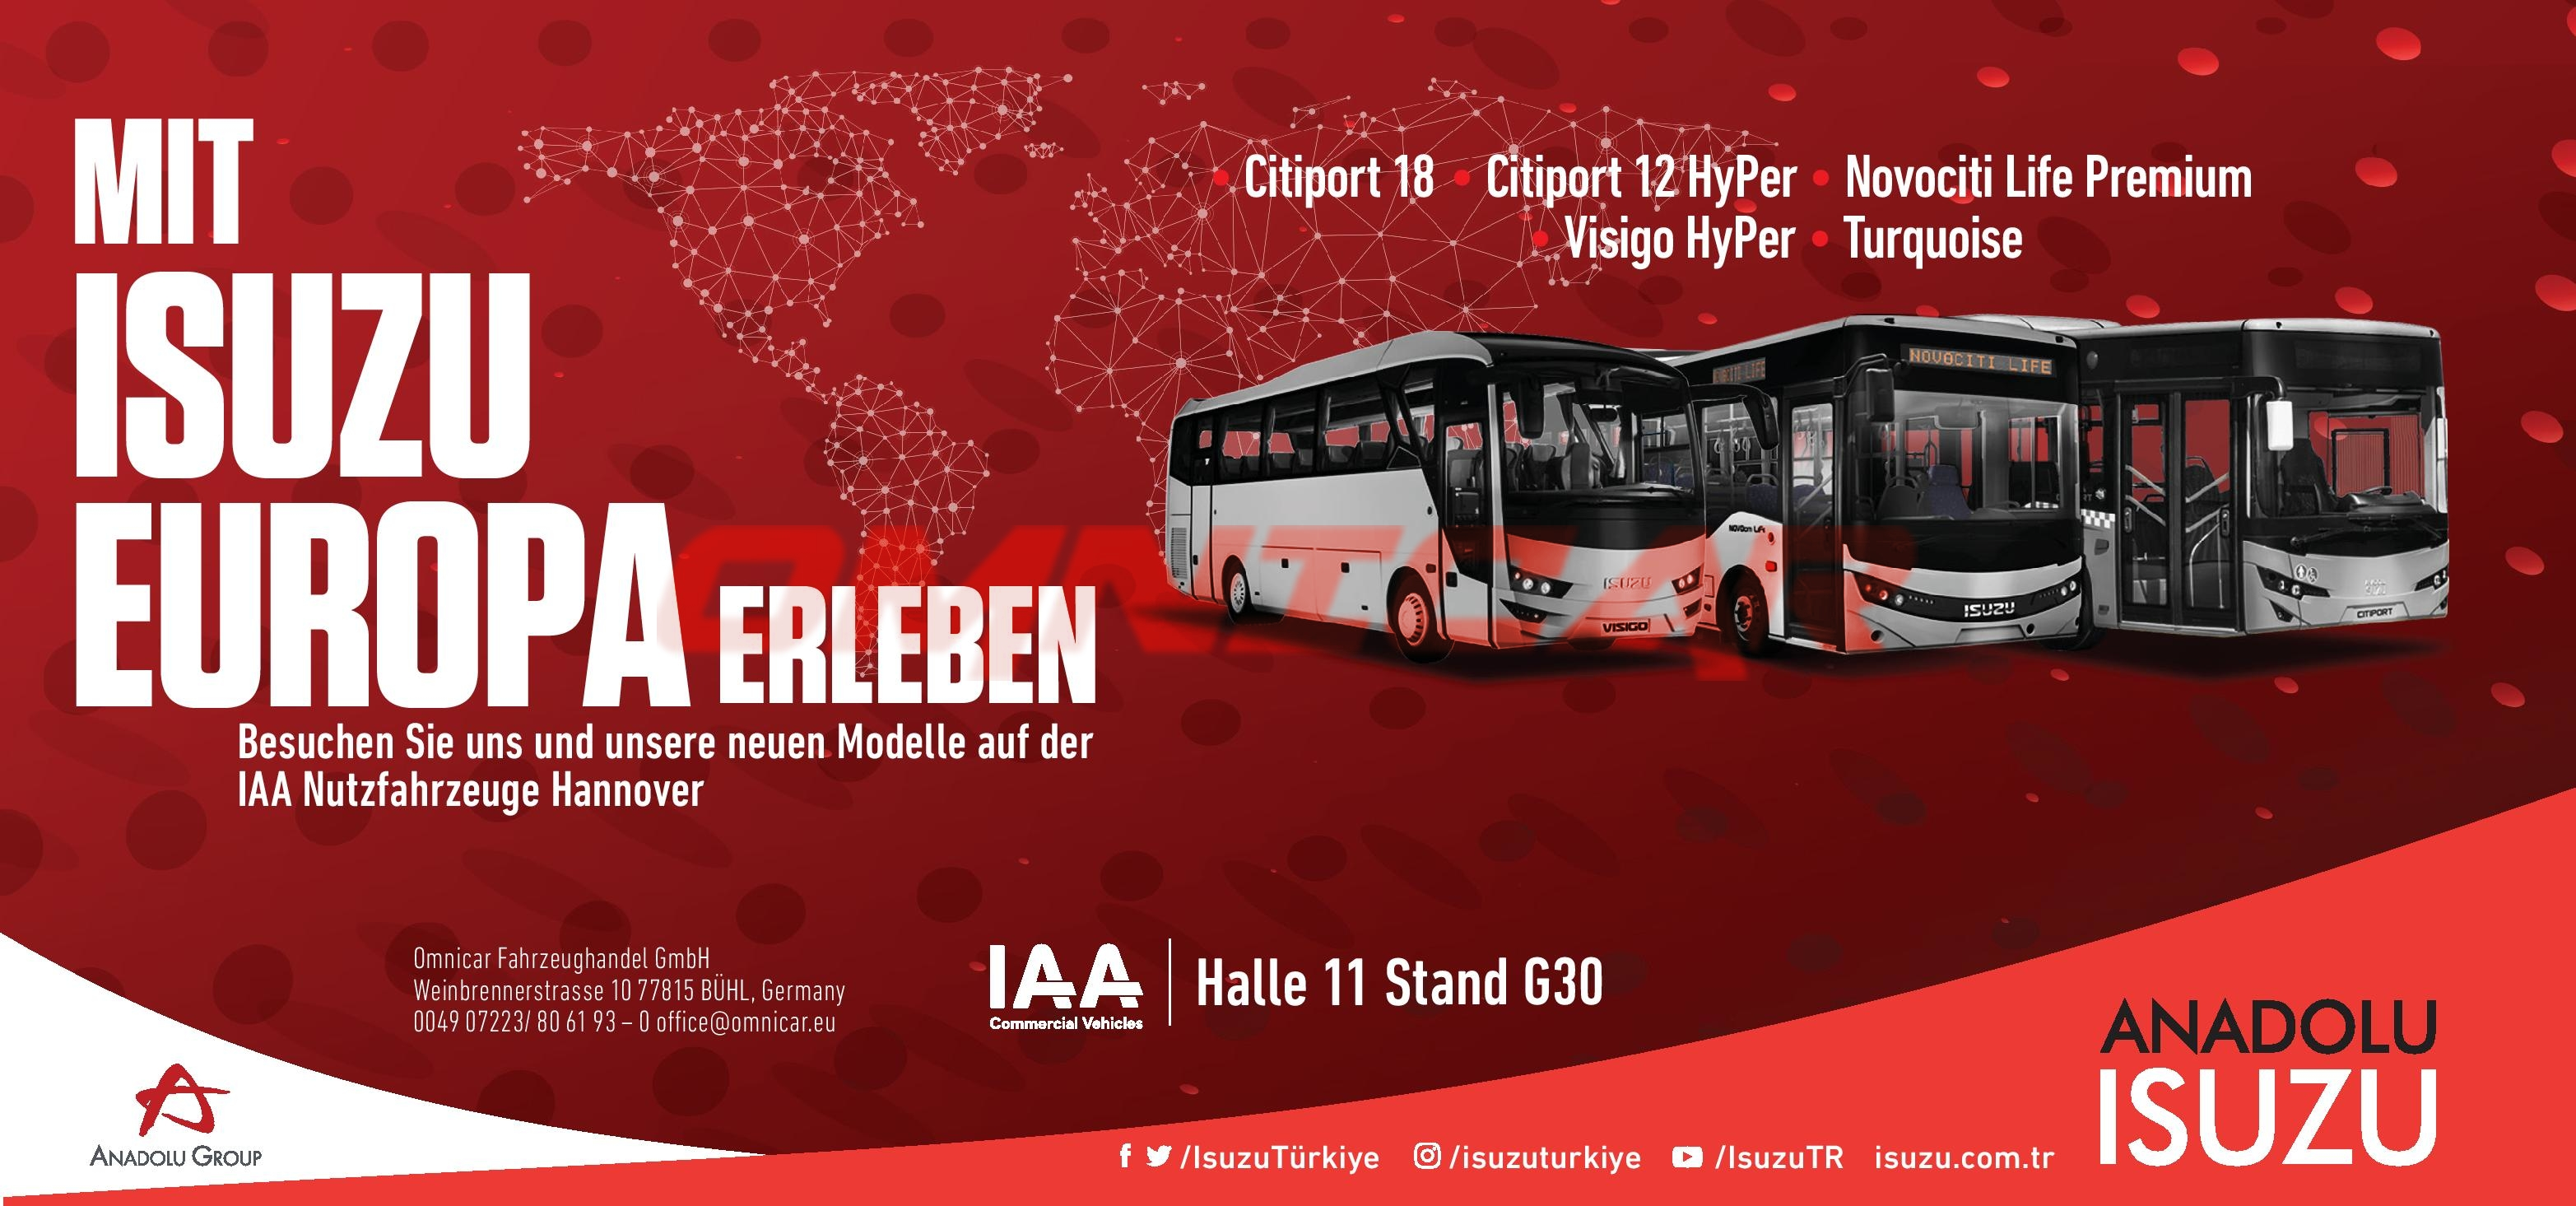 Omnicar als Vertreter der Isuzu Busse in Deutschland. Besuchen Sie uns auf der IAA 2018 um unsere Neue Modelle von Isuzu Busse zu entdecken.